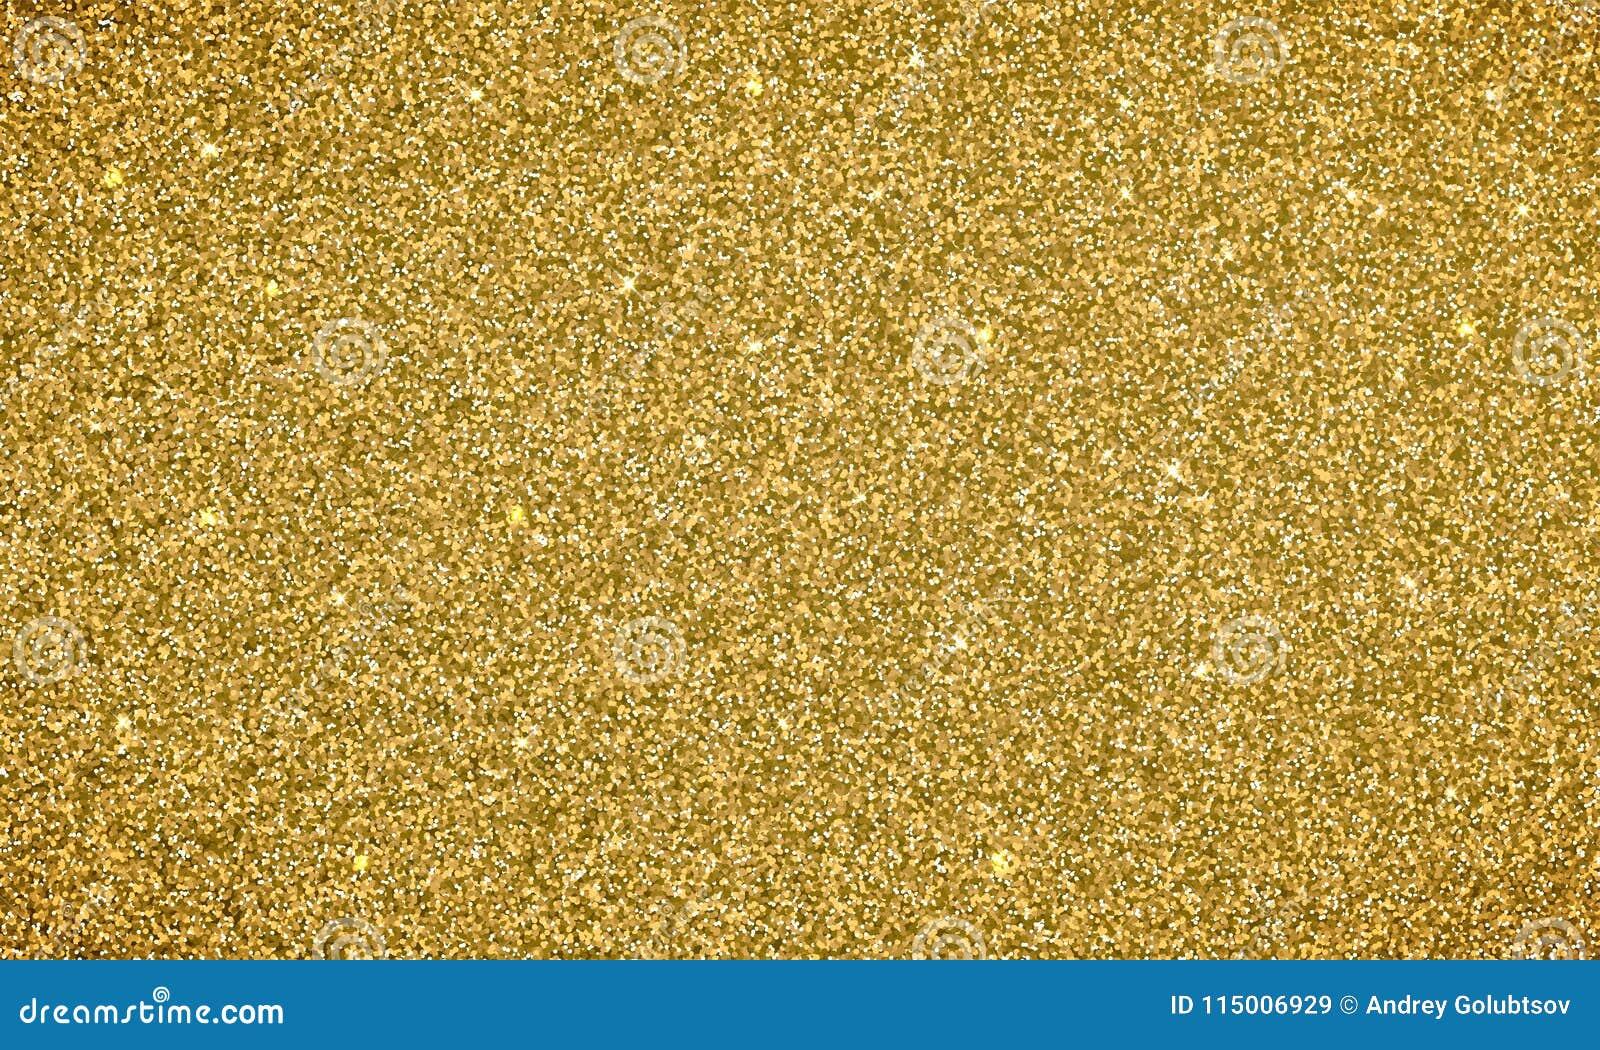 Het goud schittert achtergrondtextuurbanner Vectorglittery feestelijke achtergrond voor kaart of de achtergrond van vakantiekerst